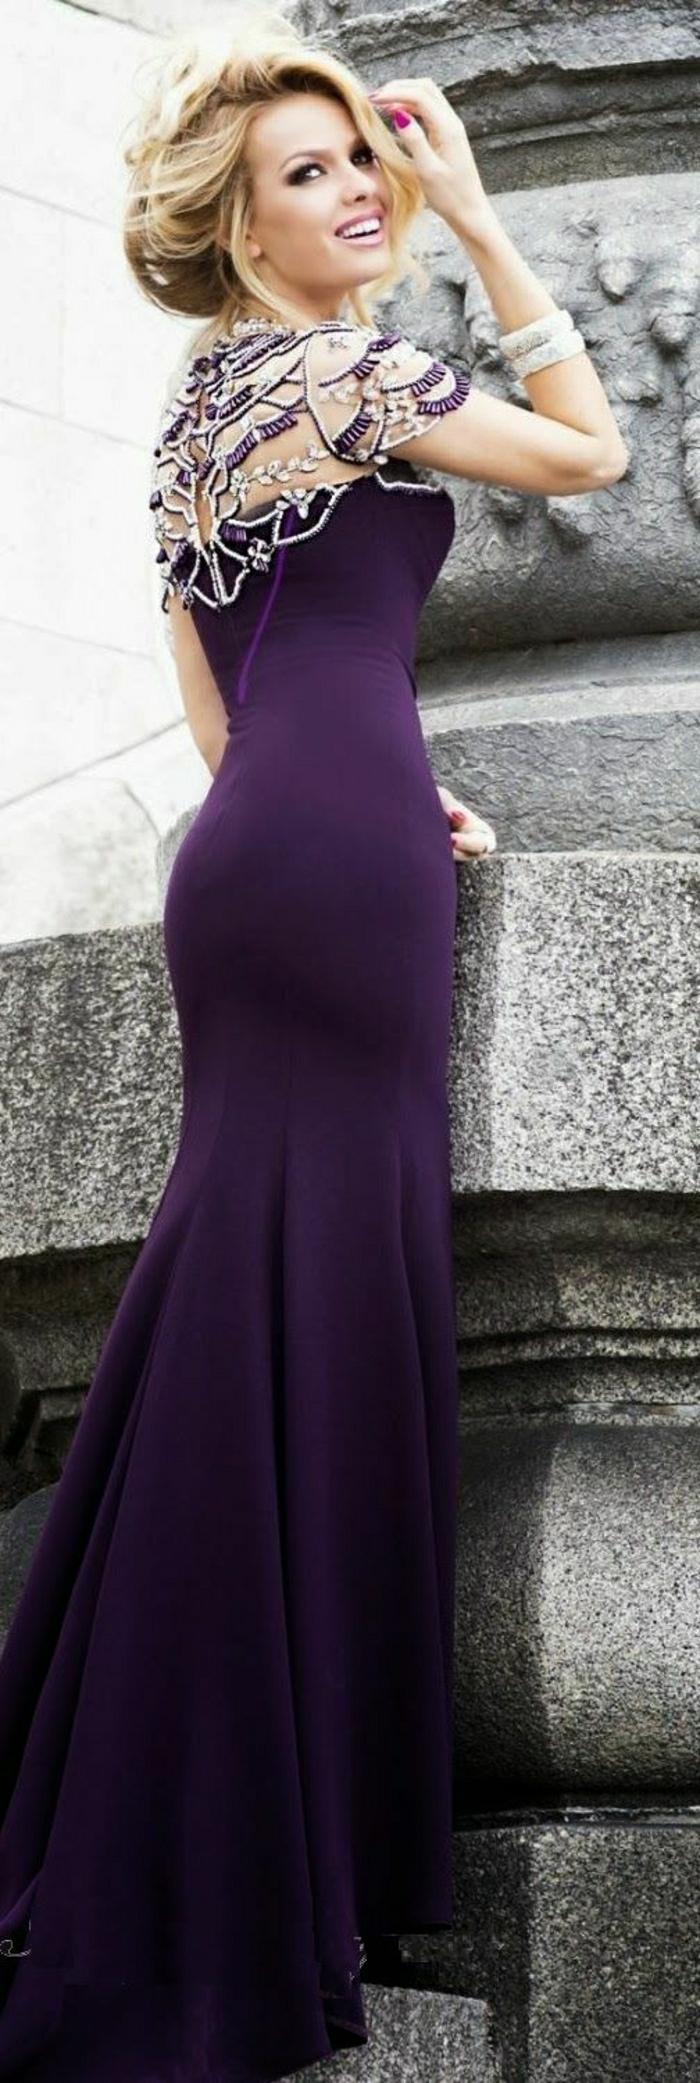 Das lila Kleid - 45 erstaunliche Fotos - Archzine.net